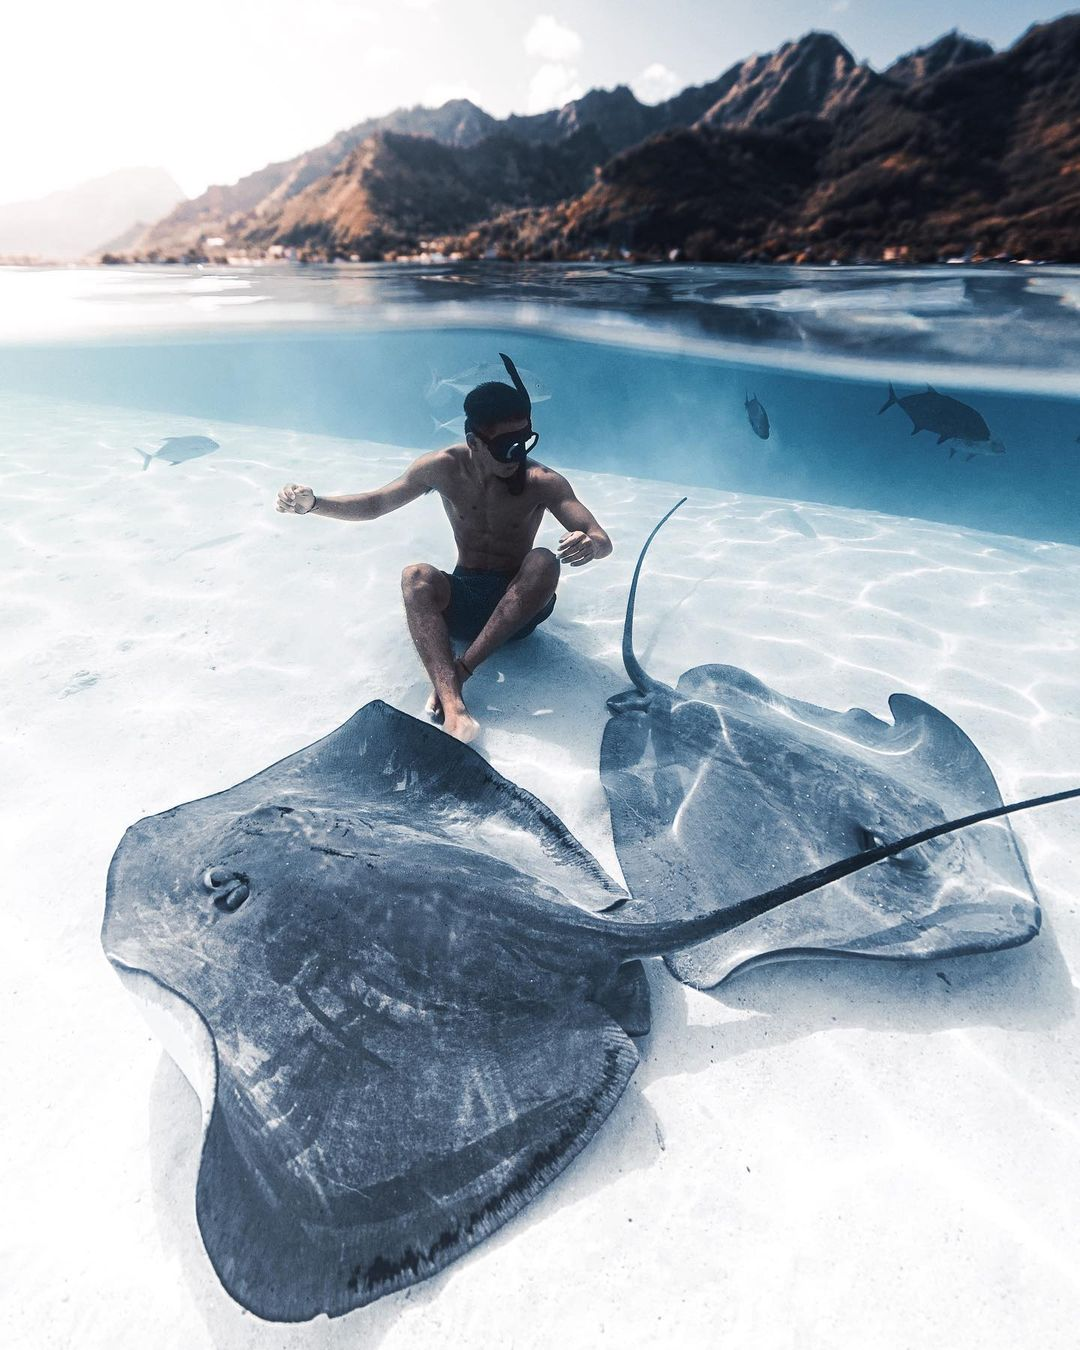 Удивительные подводные снимки от Нолана Омура